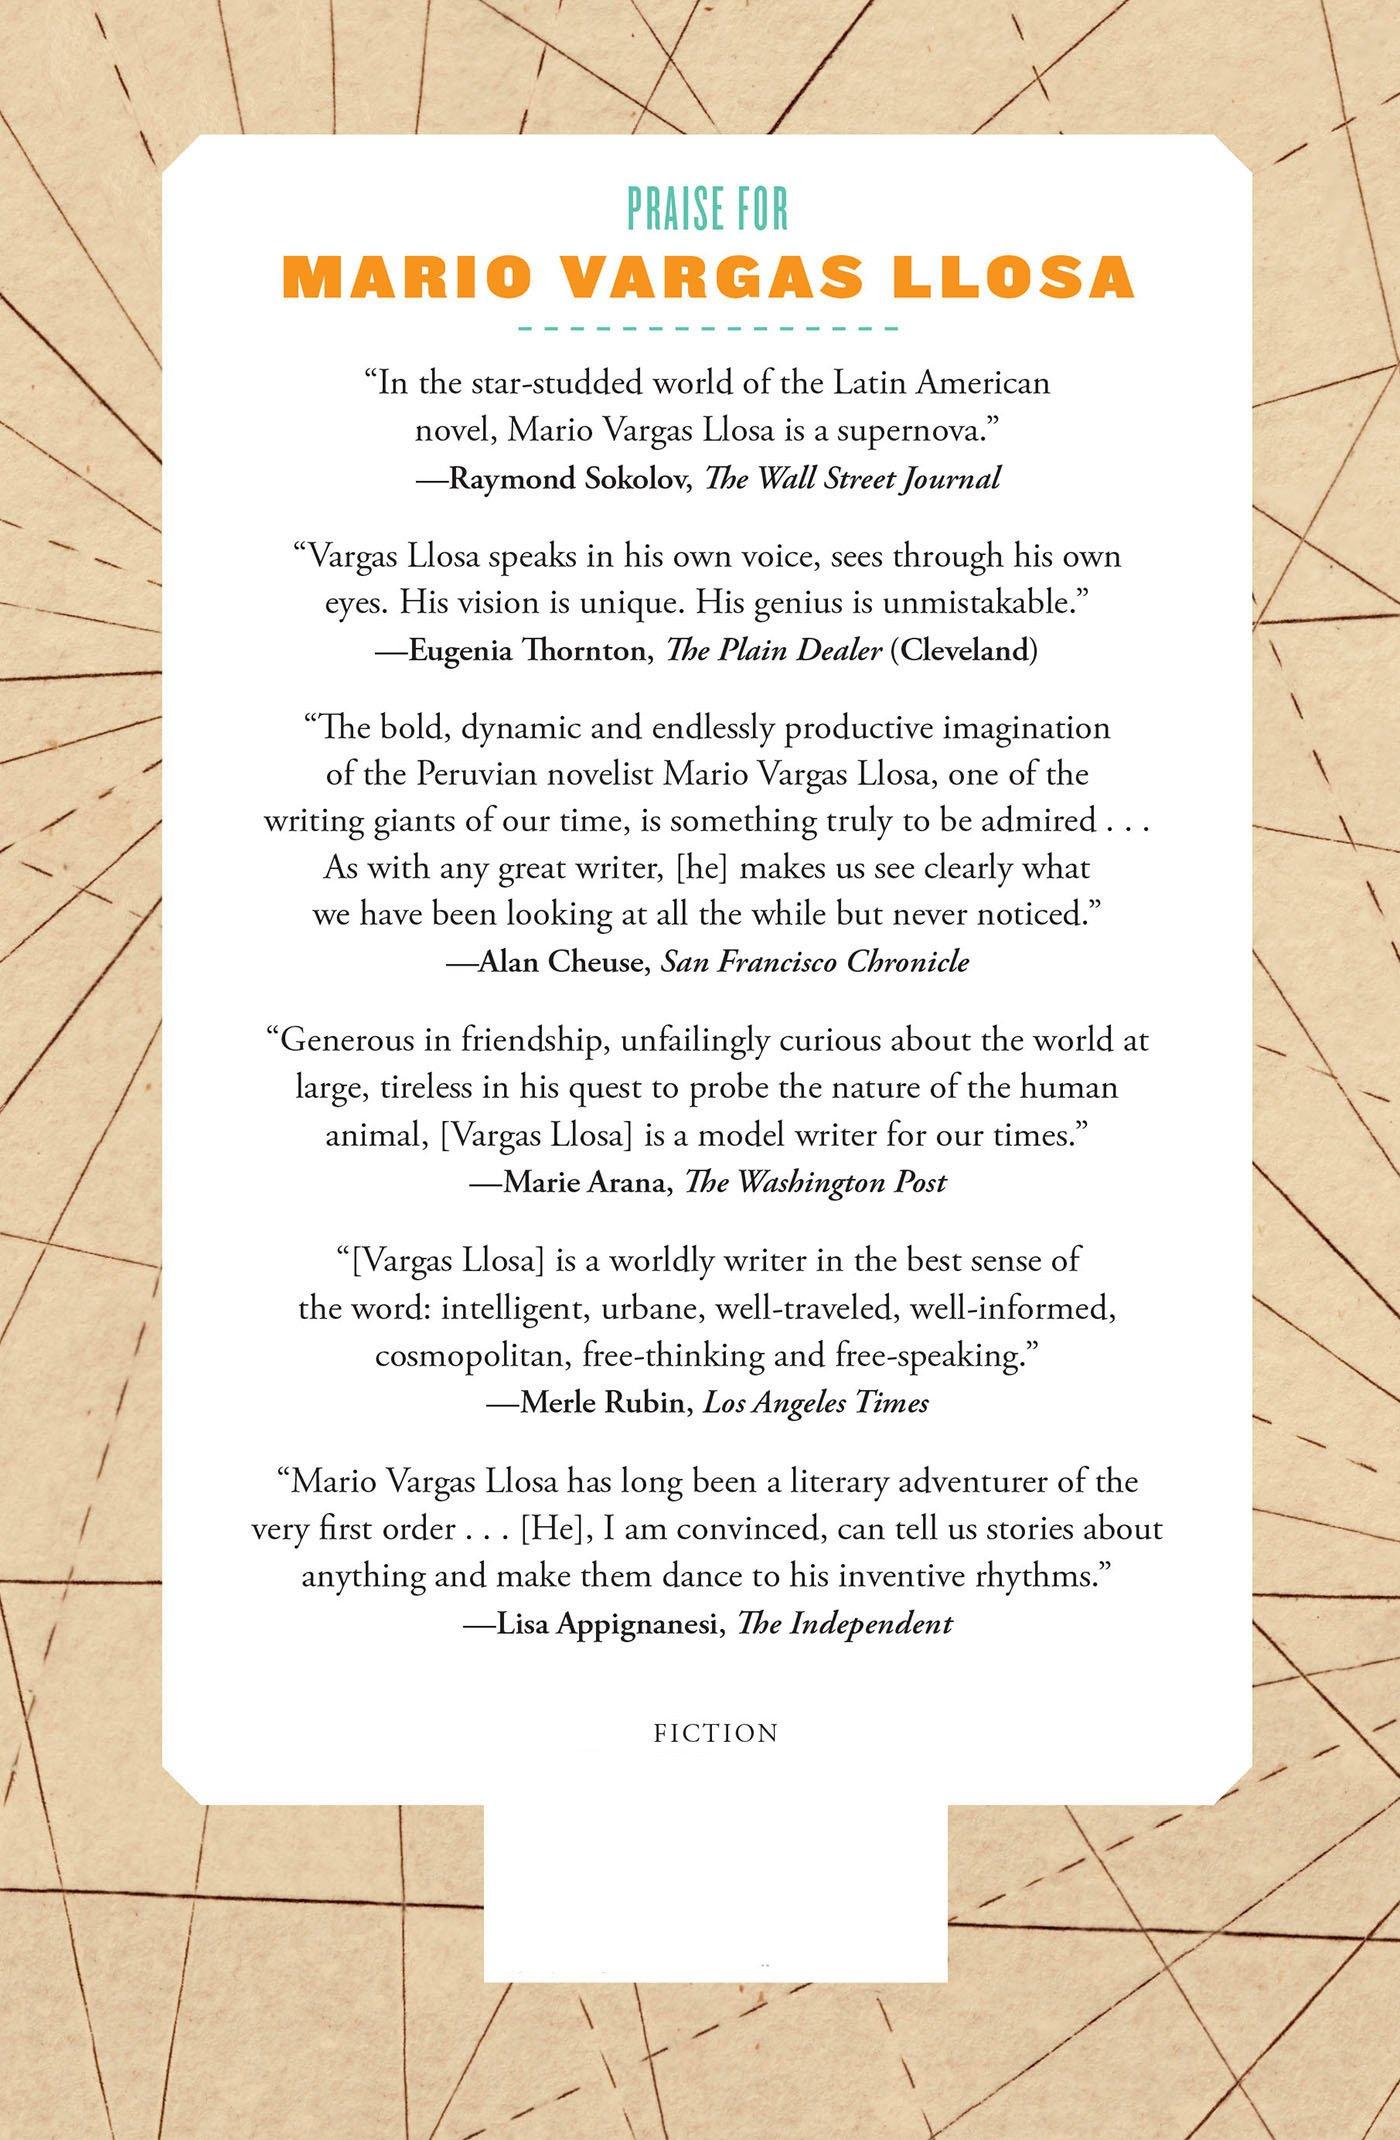 Amazon: The Dream Of The Celt: A Novel (9780374143466): Mario Vargas  Llosa, Edith Grossman: Books